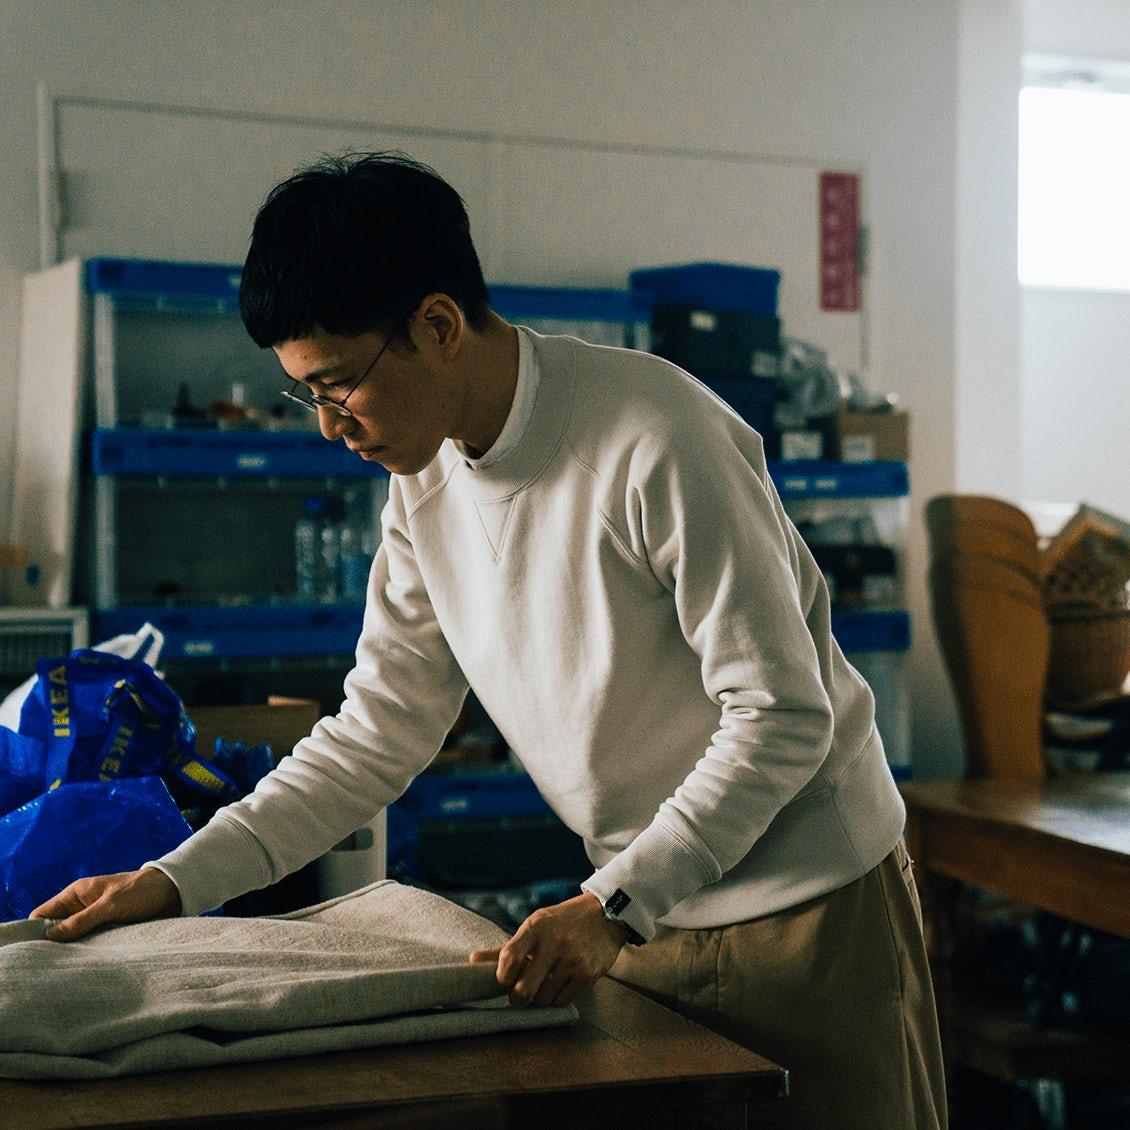 【本日公開】働くスタッフを追った初のドキュメンタリー『クラシコムのひと』をつくりました。